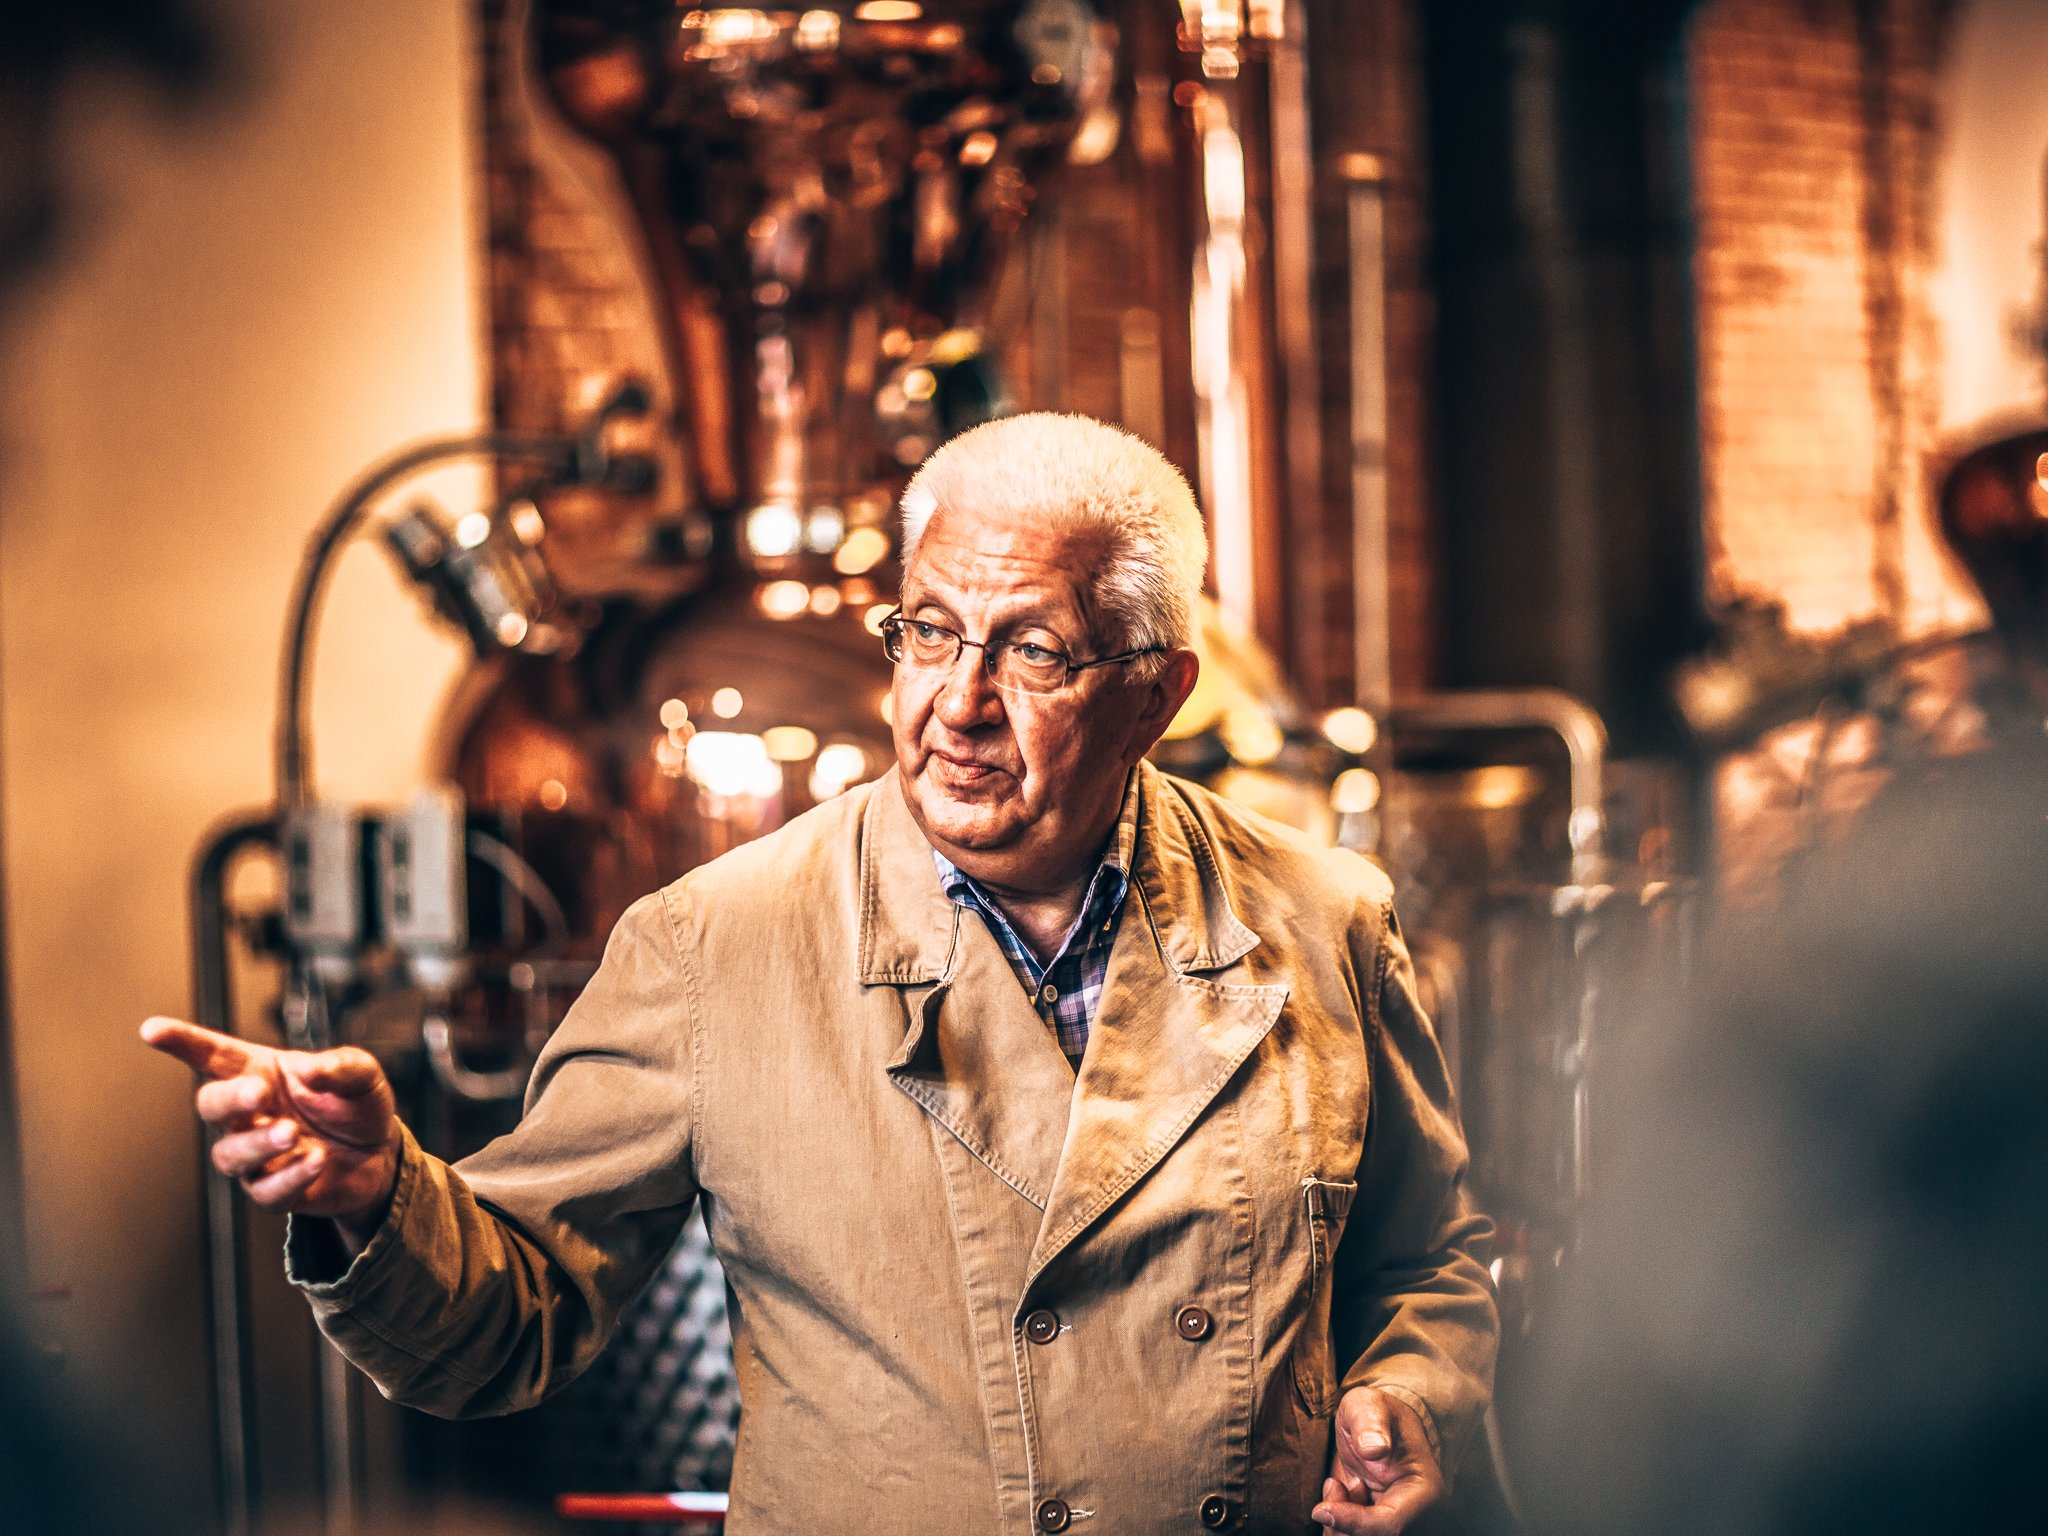 Het persoonlijke verhaal achter Lucas Bols, distilleerderij, Amsterdam, Alles over gin.